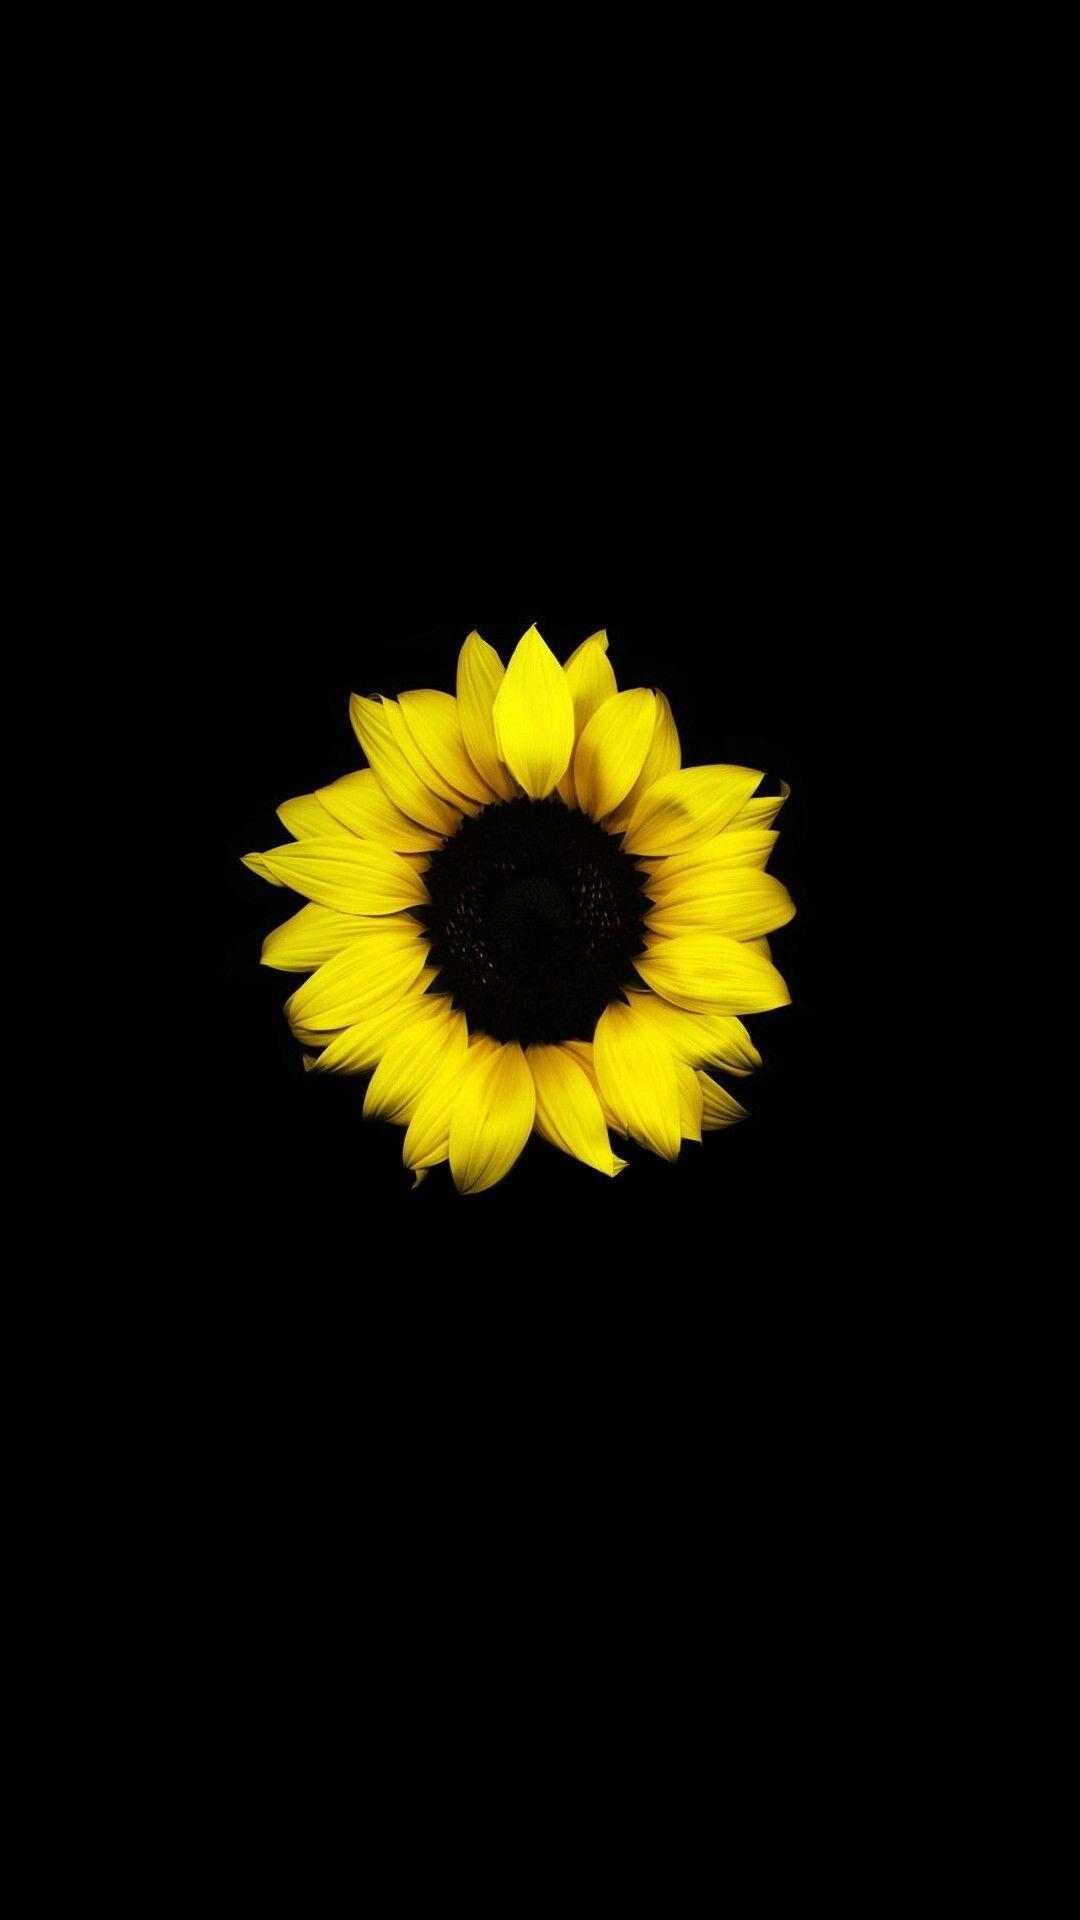 Black Background Aesthetic Black Background In 2020 Sunflower Iphone Wallpaper Sunflower Wallpaper Flower Wallpaper